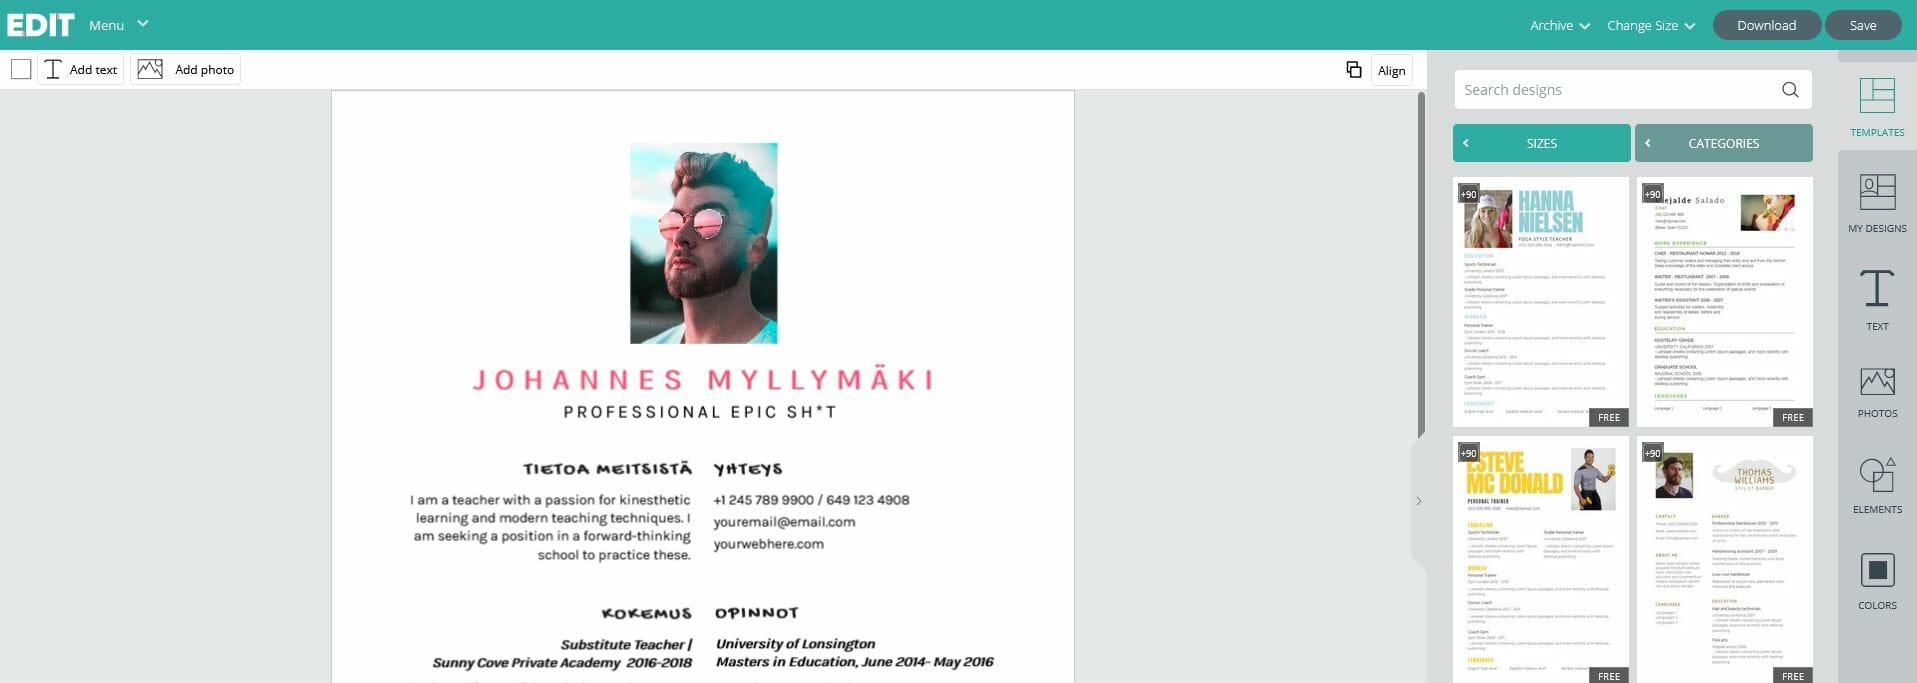 edit-org-visuaalinen-kuvaeditori-ilmainen